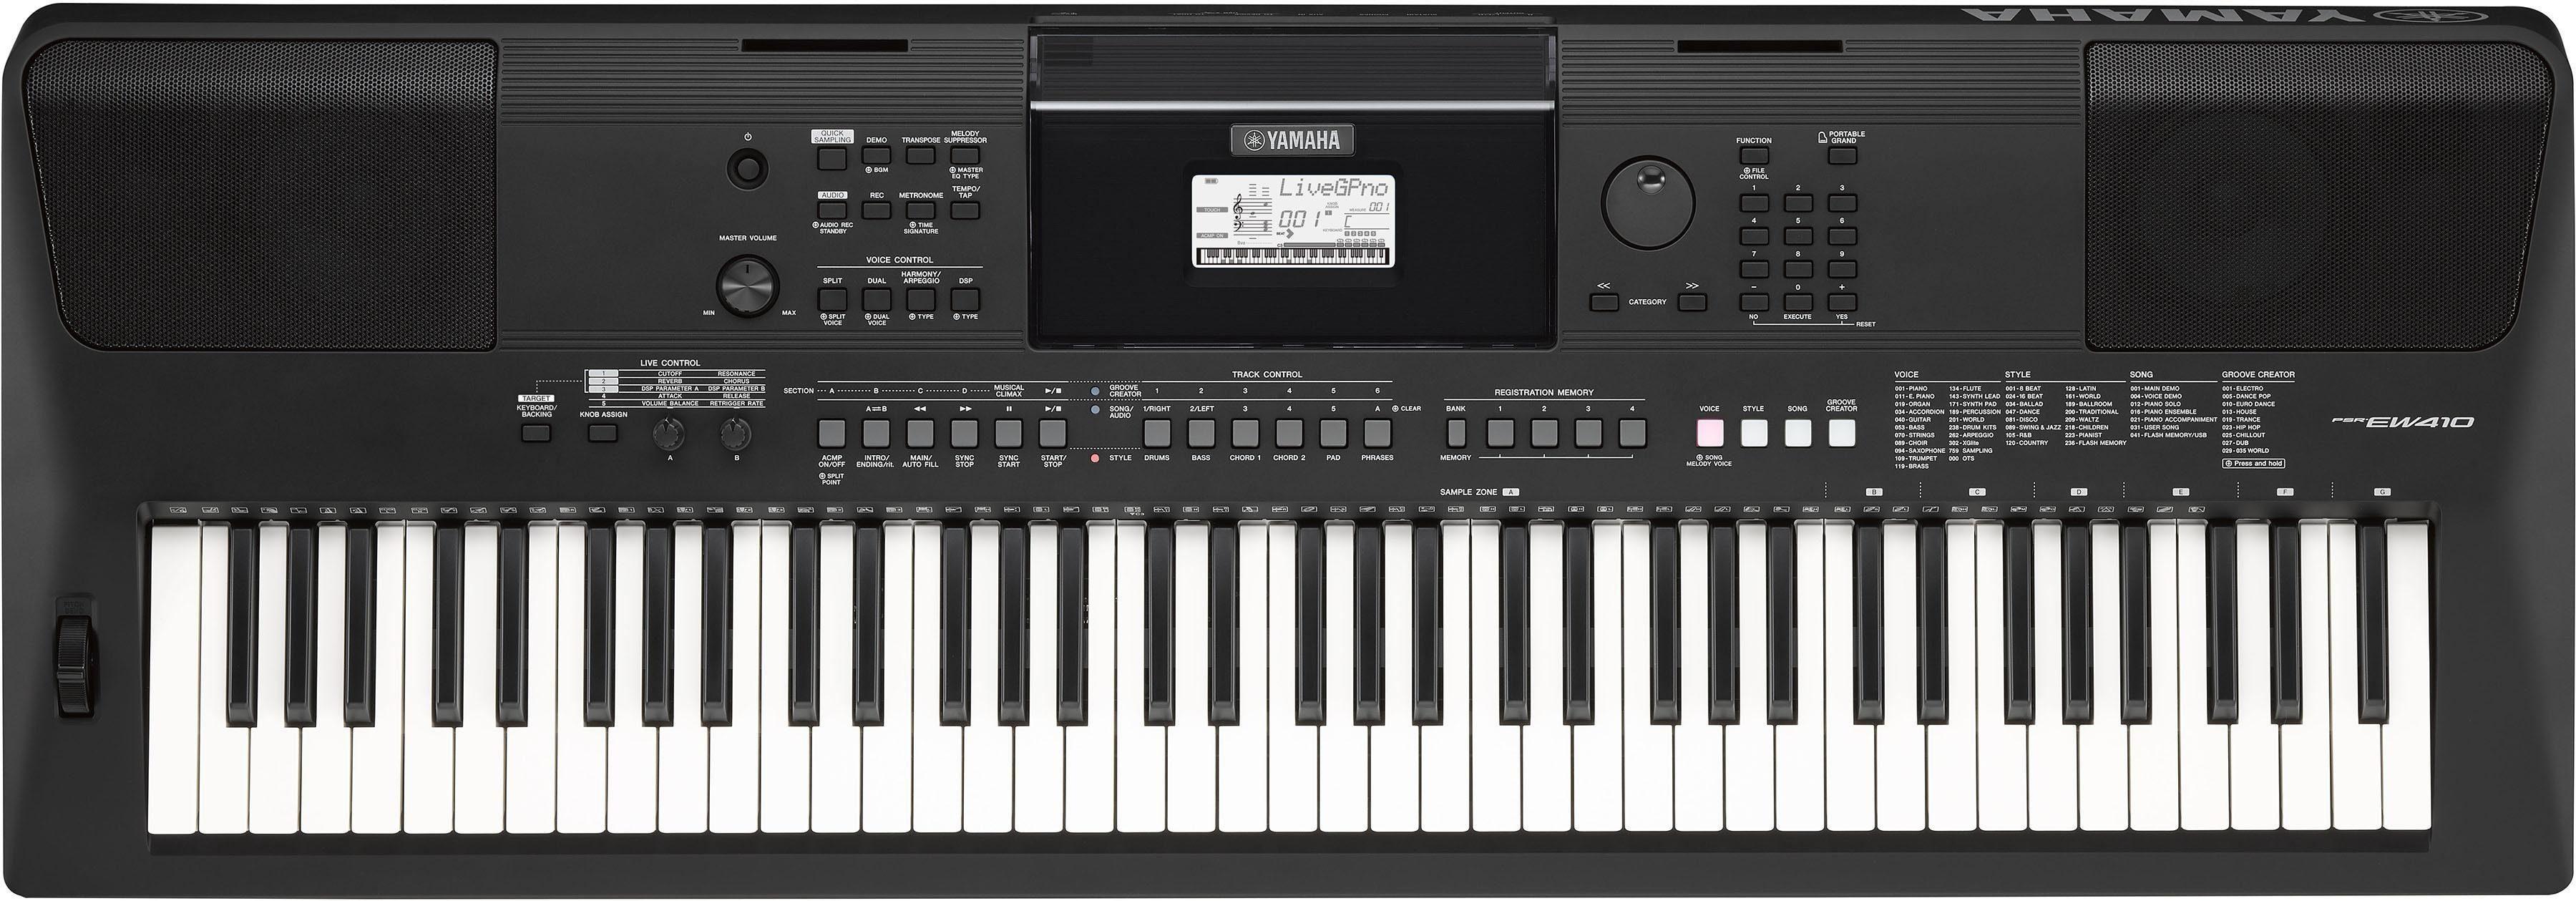 Yamaha Digital Keyboard, »PSR-EW410«